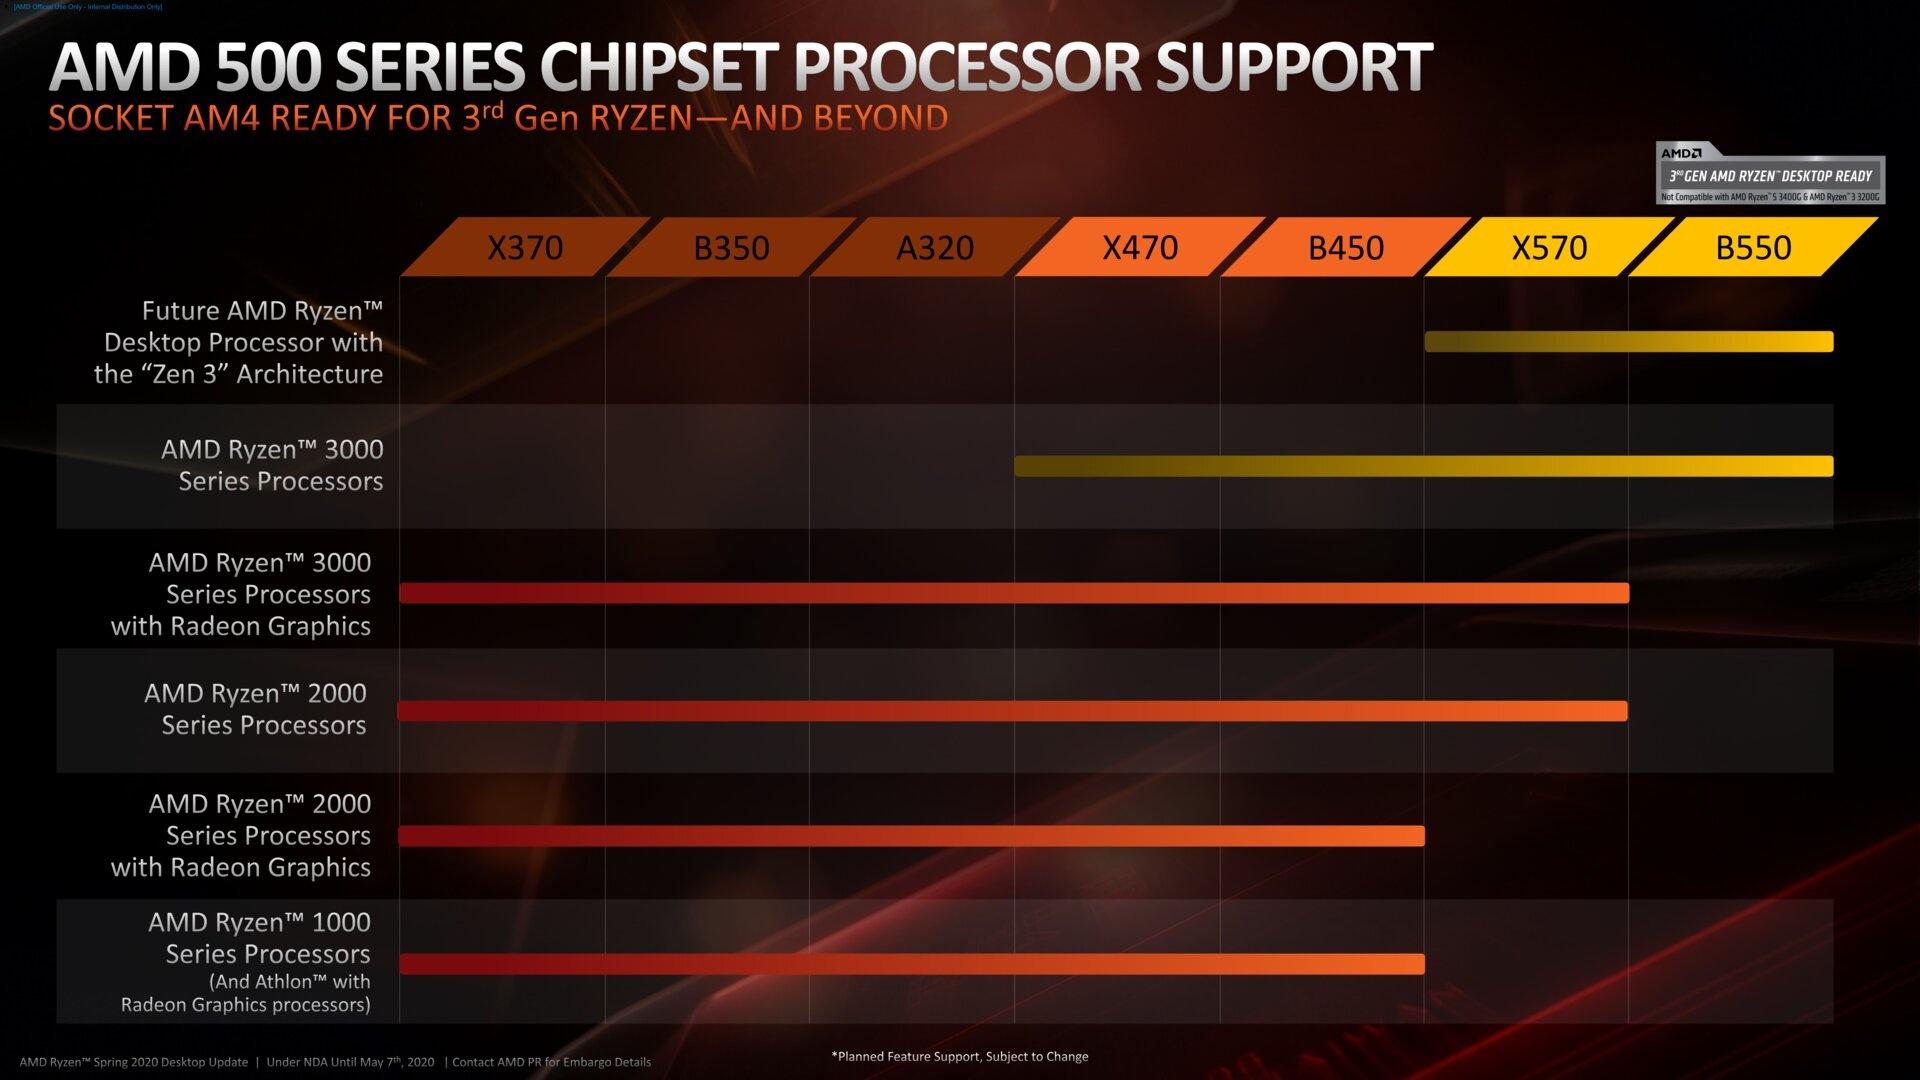 Eigentlich sollten nur X570 und B550 kommende Zen-3-Prozessoren unterstützen